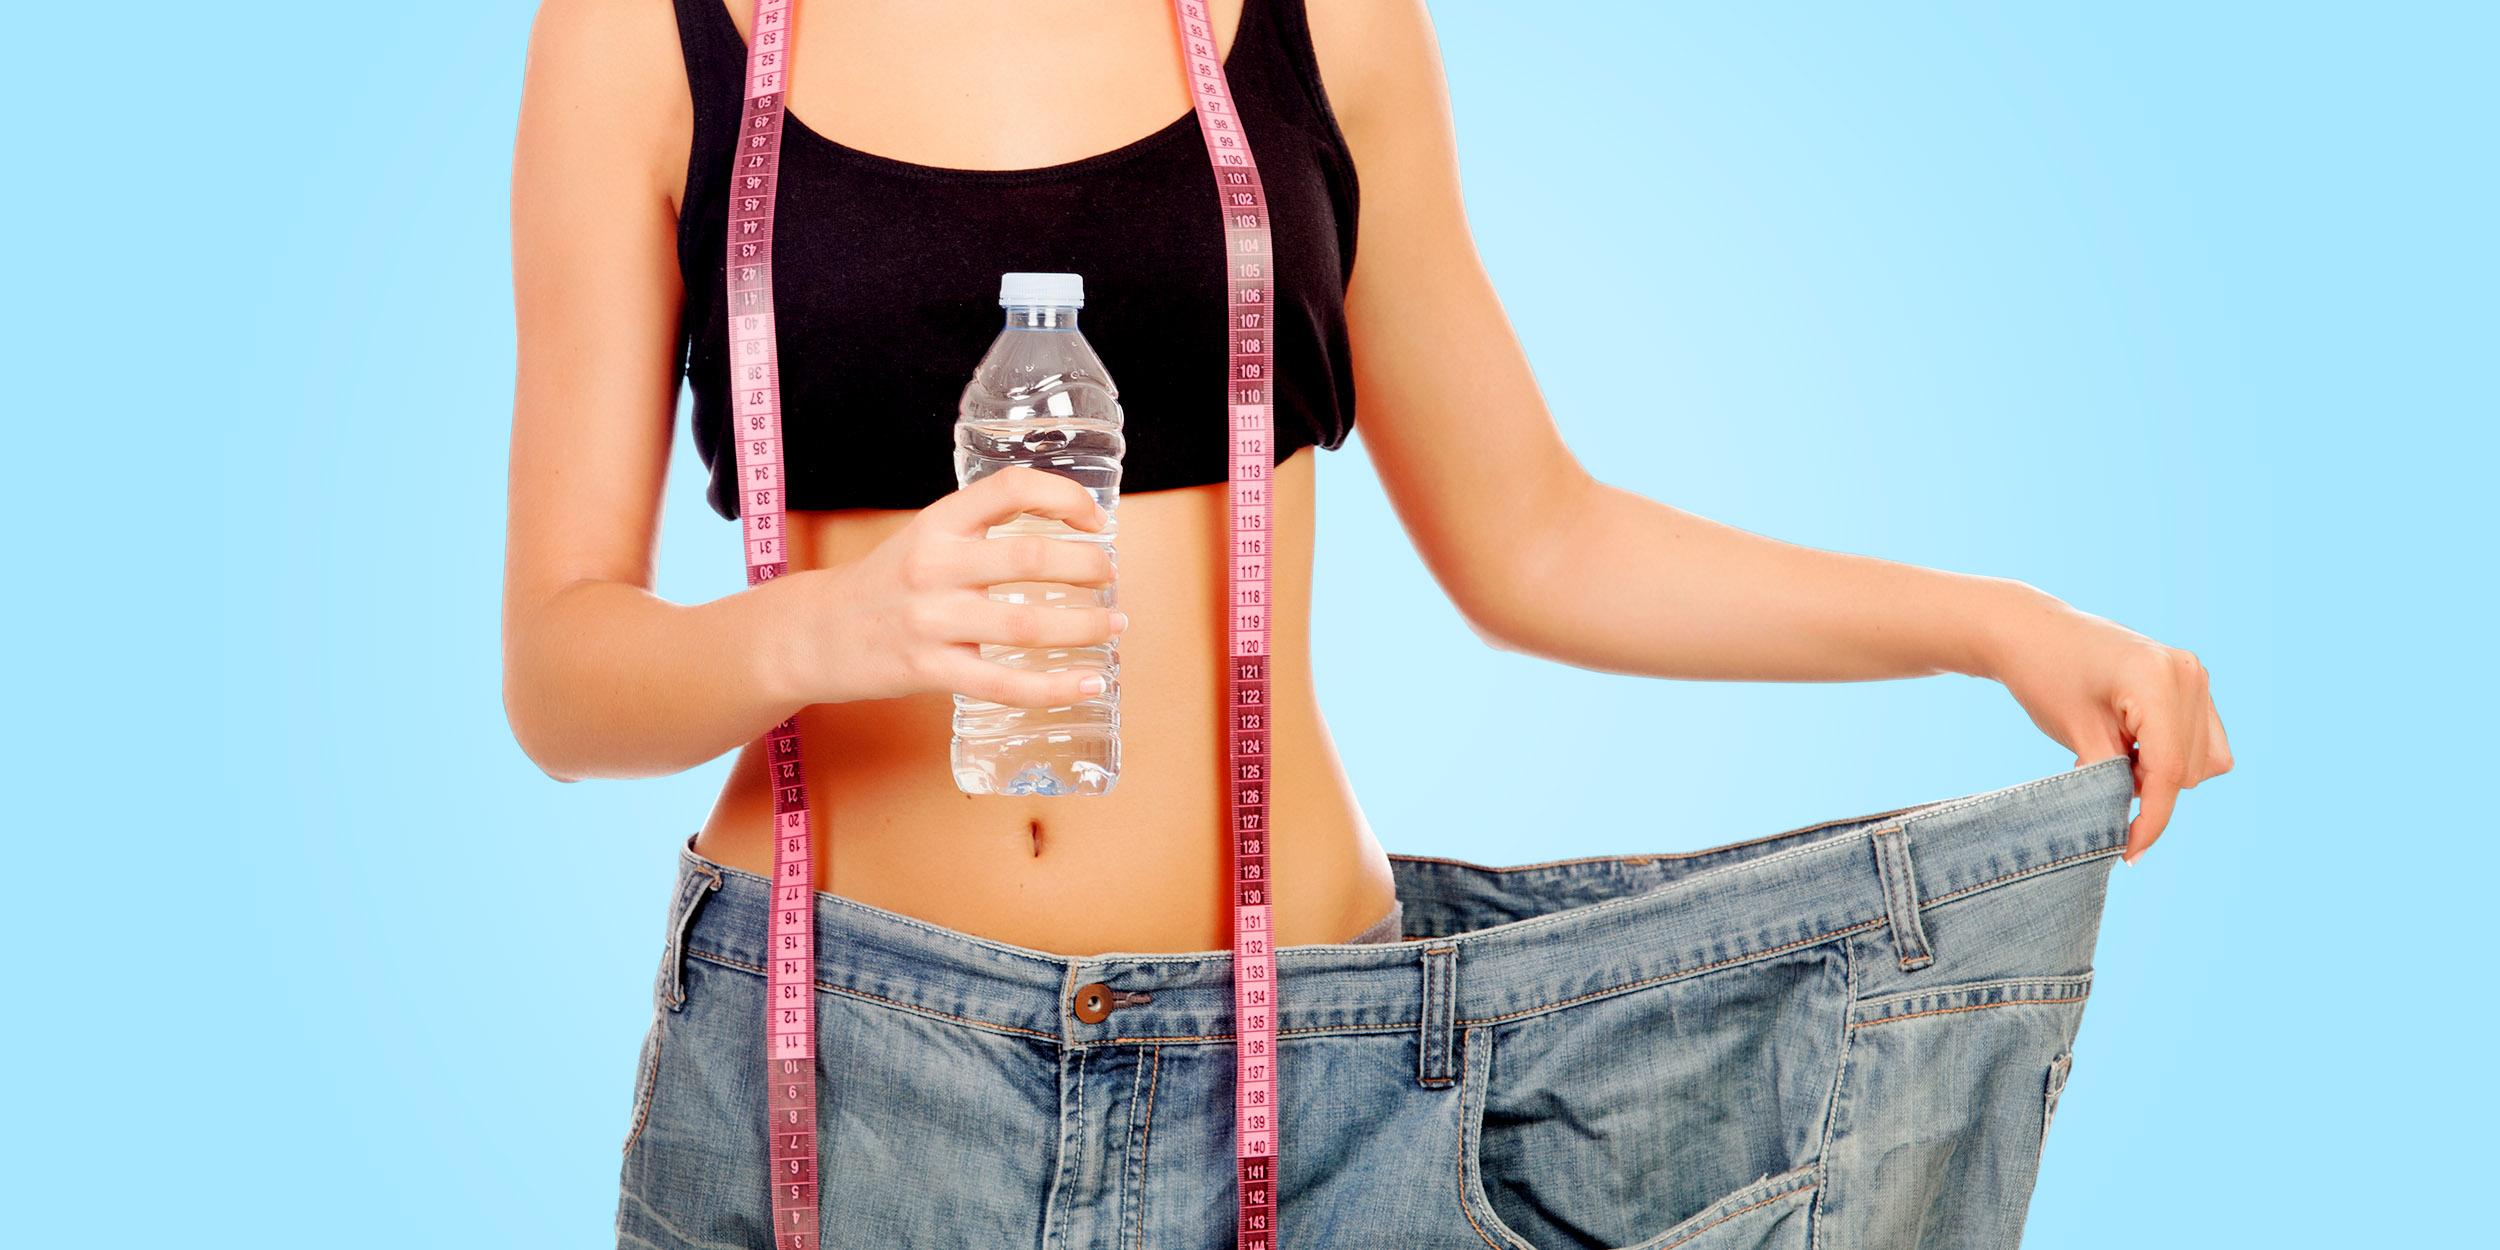 зачем пить много воды при похудении